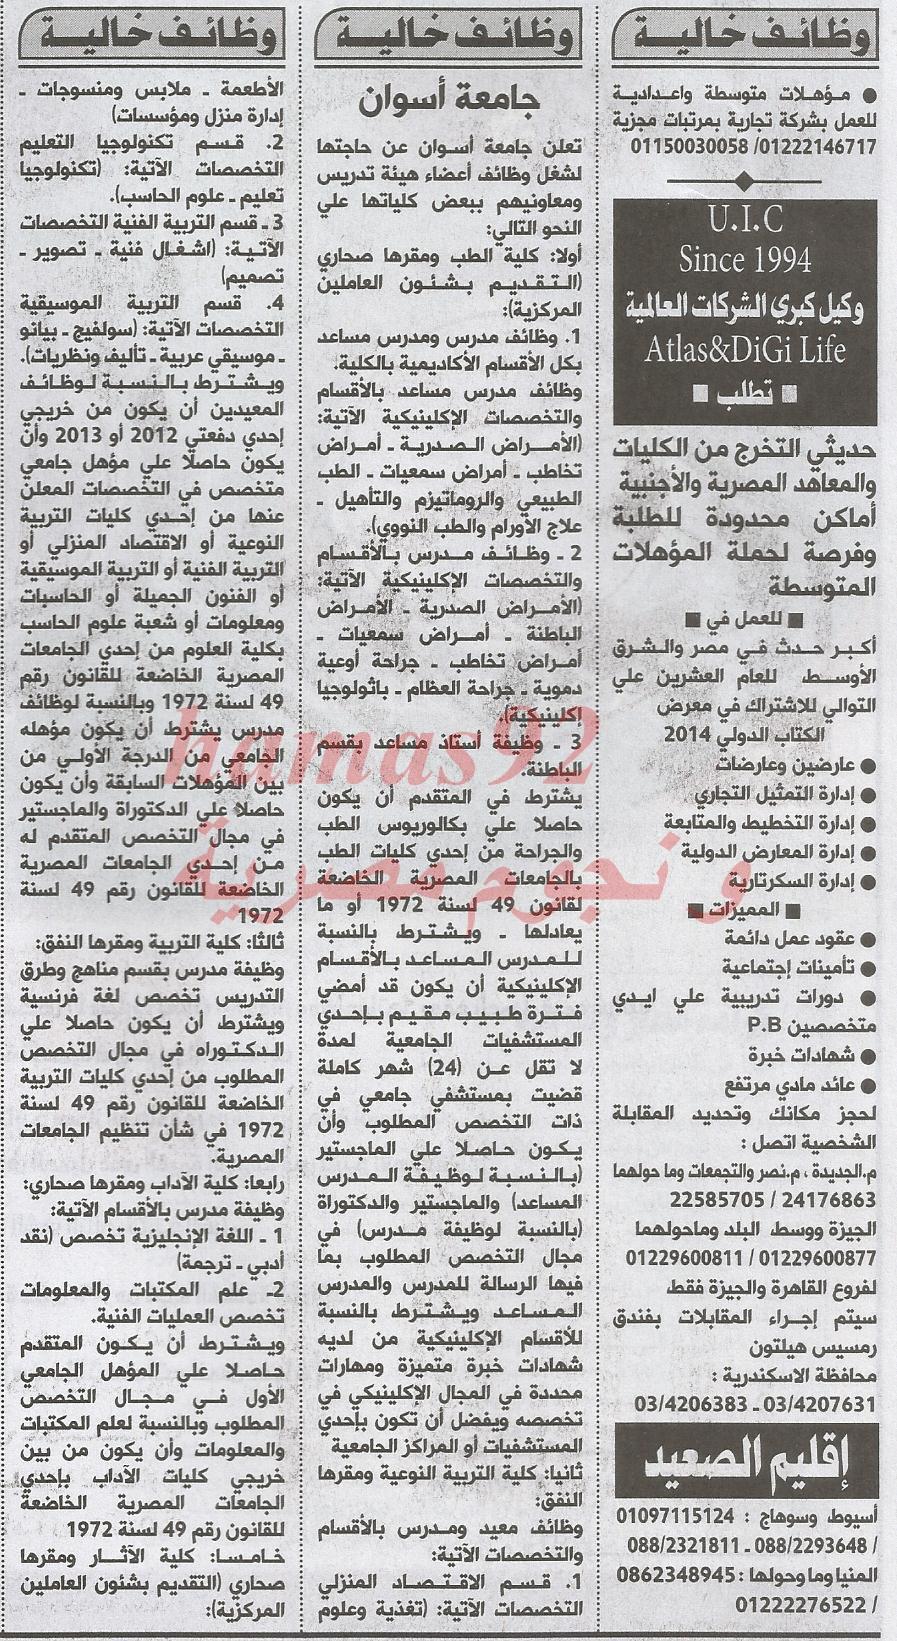 وظائف جريدة الاهرام اليوم الاثنين 13-1-2014 , وظائف خالية اليوم 13 يناير 2014